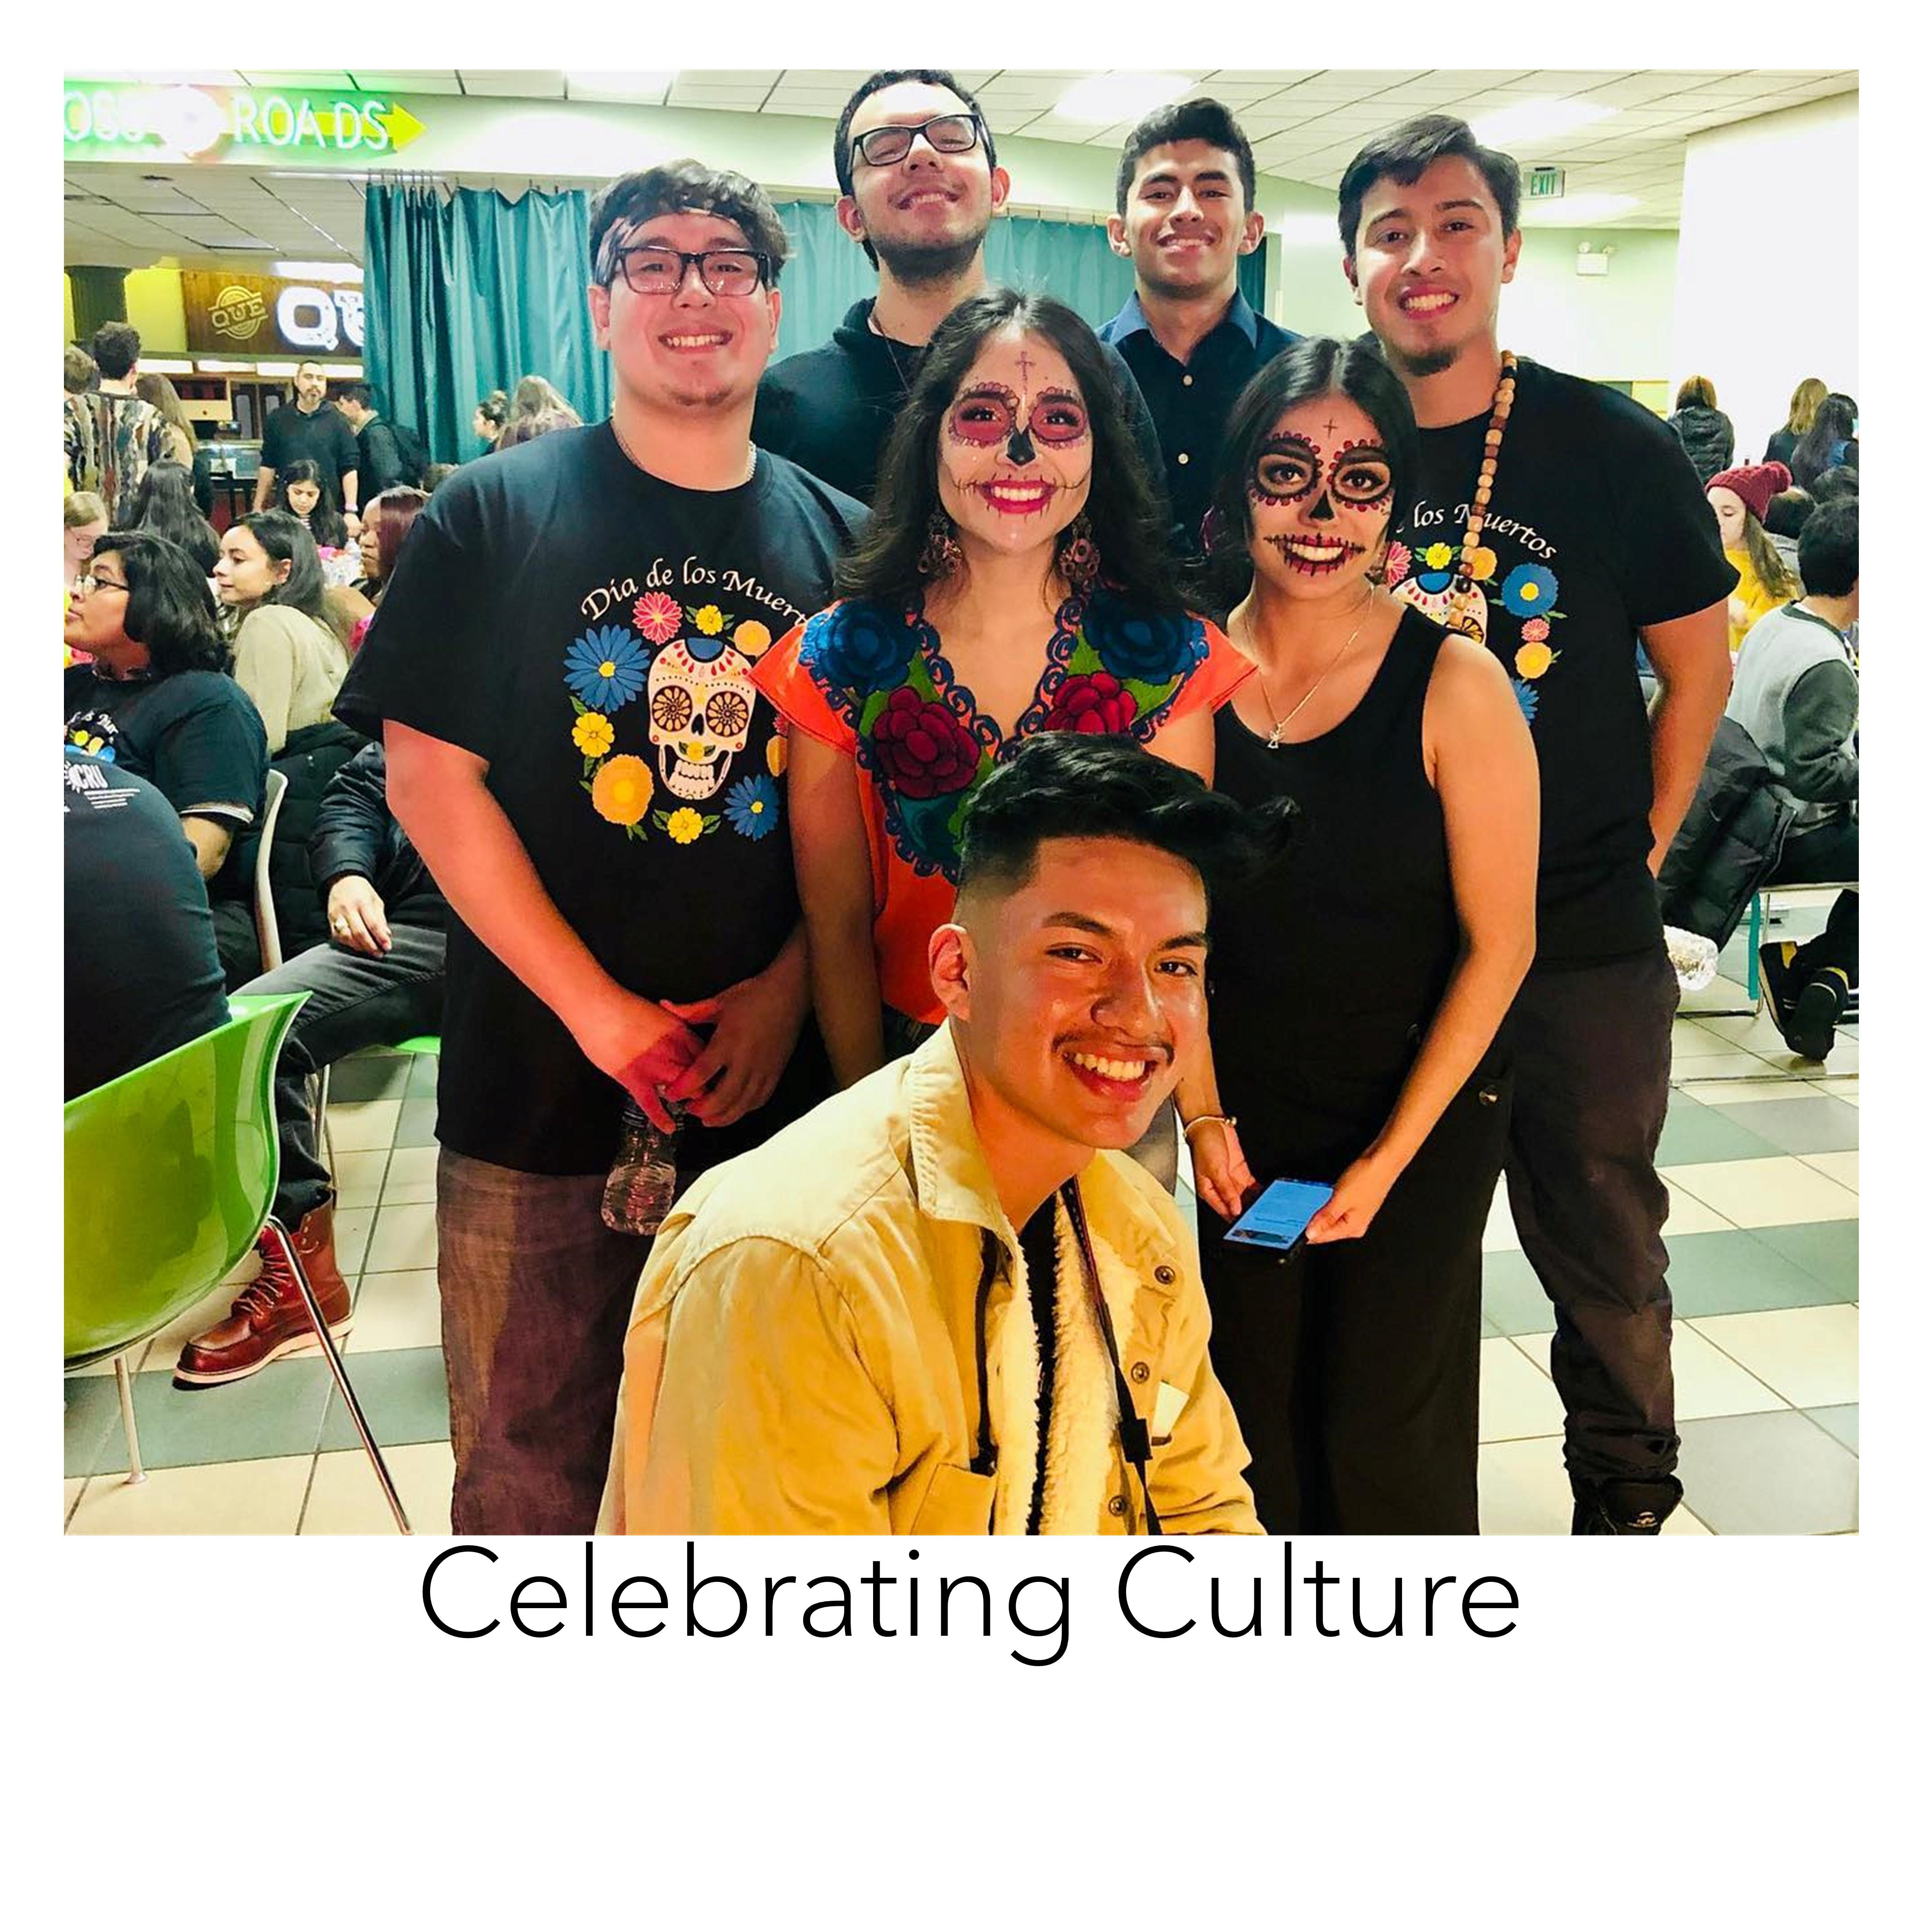 http://ocat.msu.edu/wp-content/uploads/2020/07/Celebrating-Culture.jpg